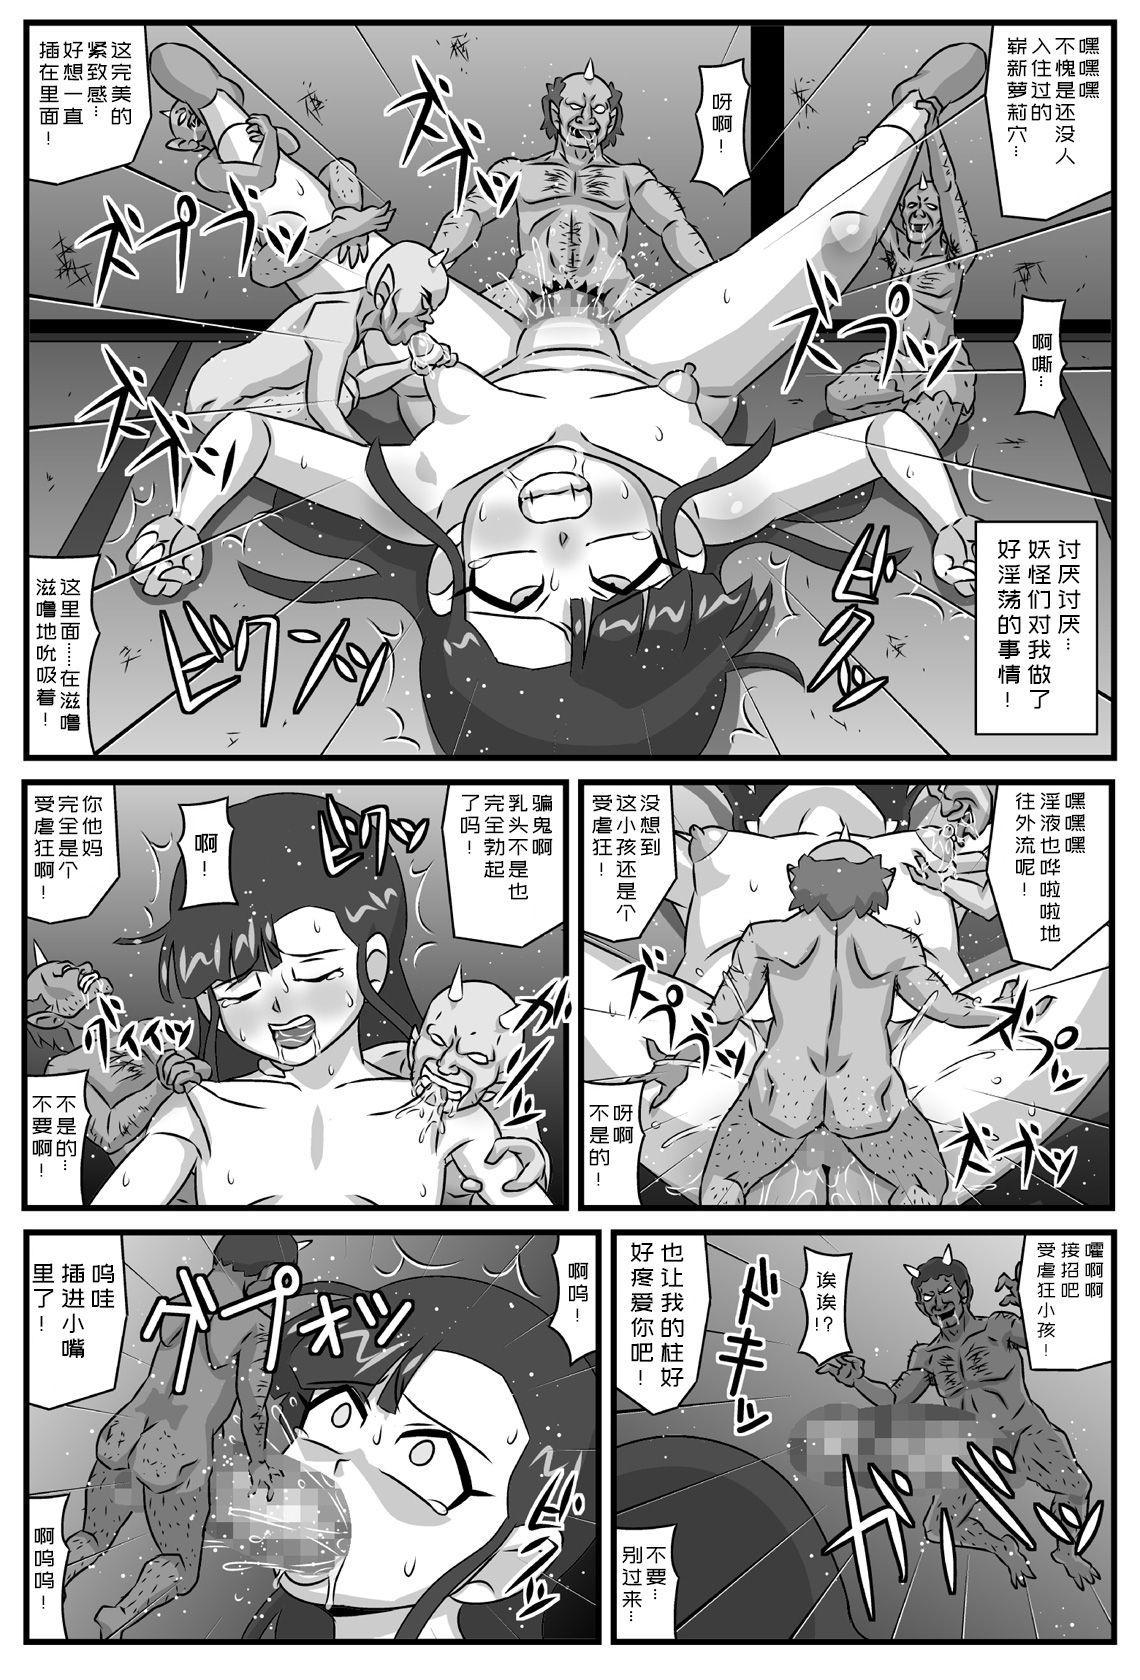 [Amatsukami] Hyakki Yakan Youkai Yashiki Hen Jou[Chinese]【不可视汉化】 9